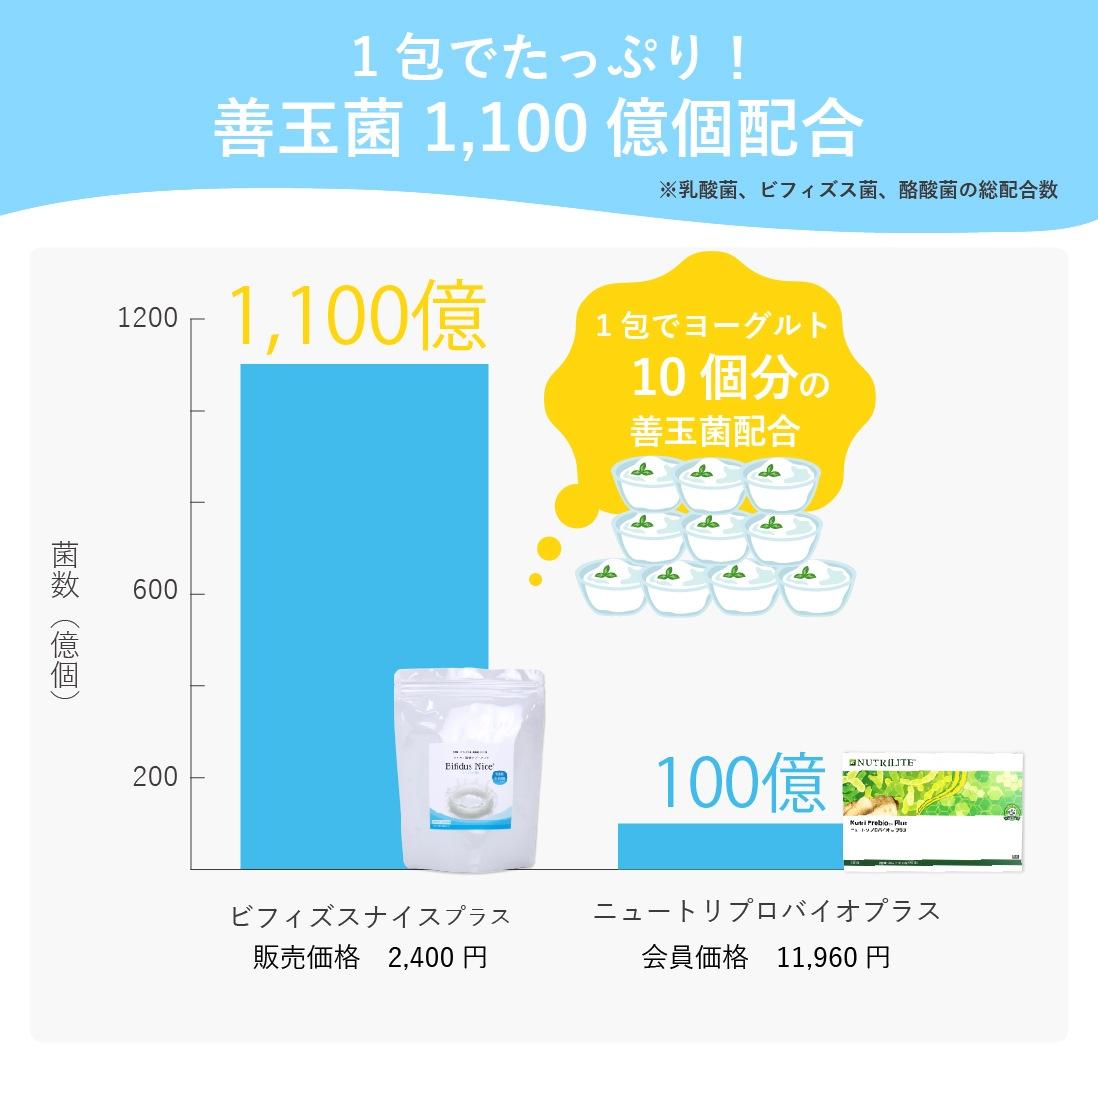 1包に善玉菌1,100億個配合したビフィズスナイスプラス!